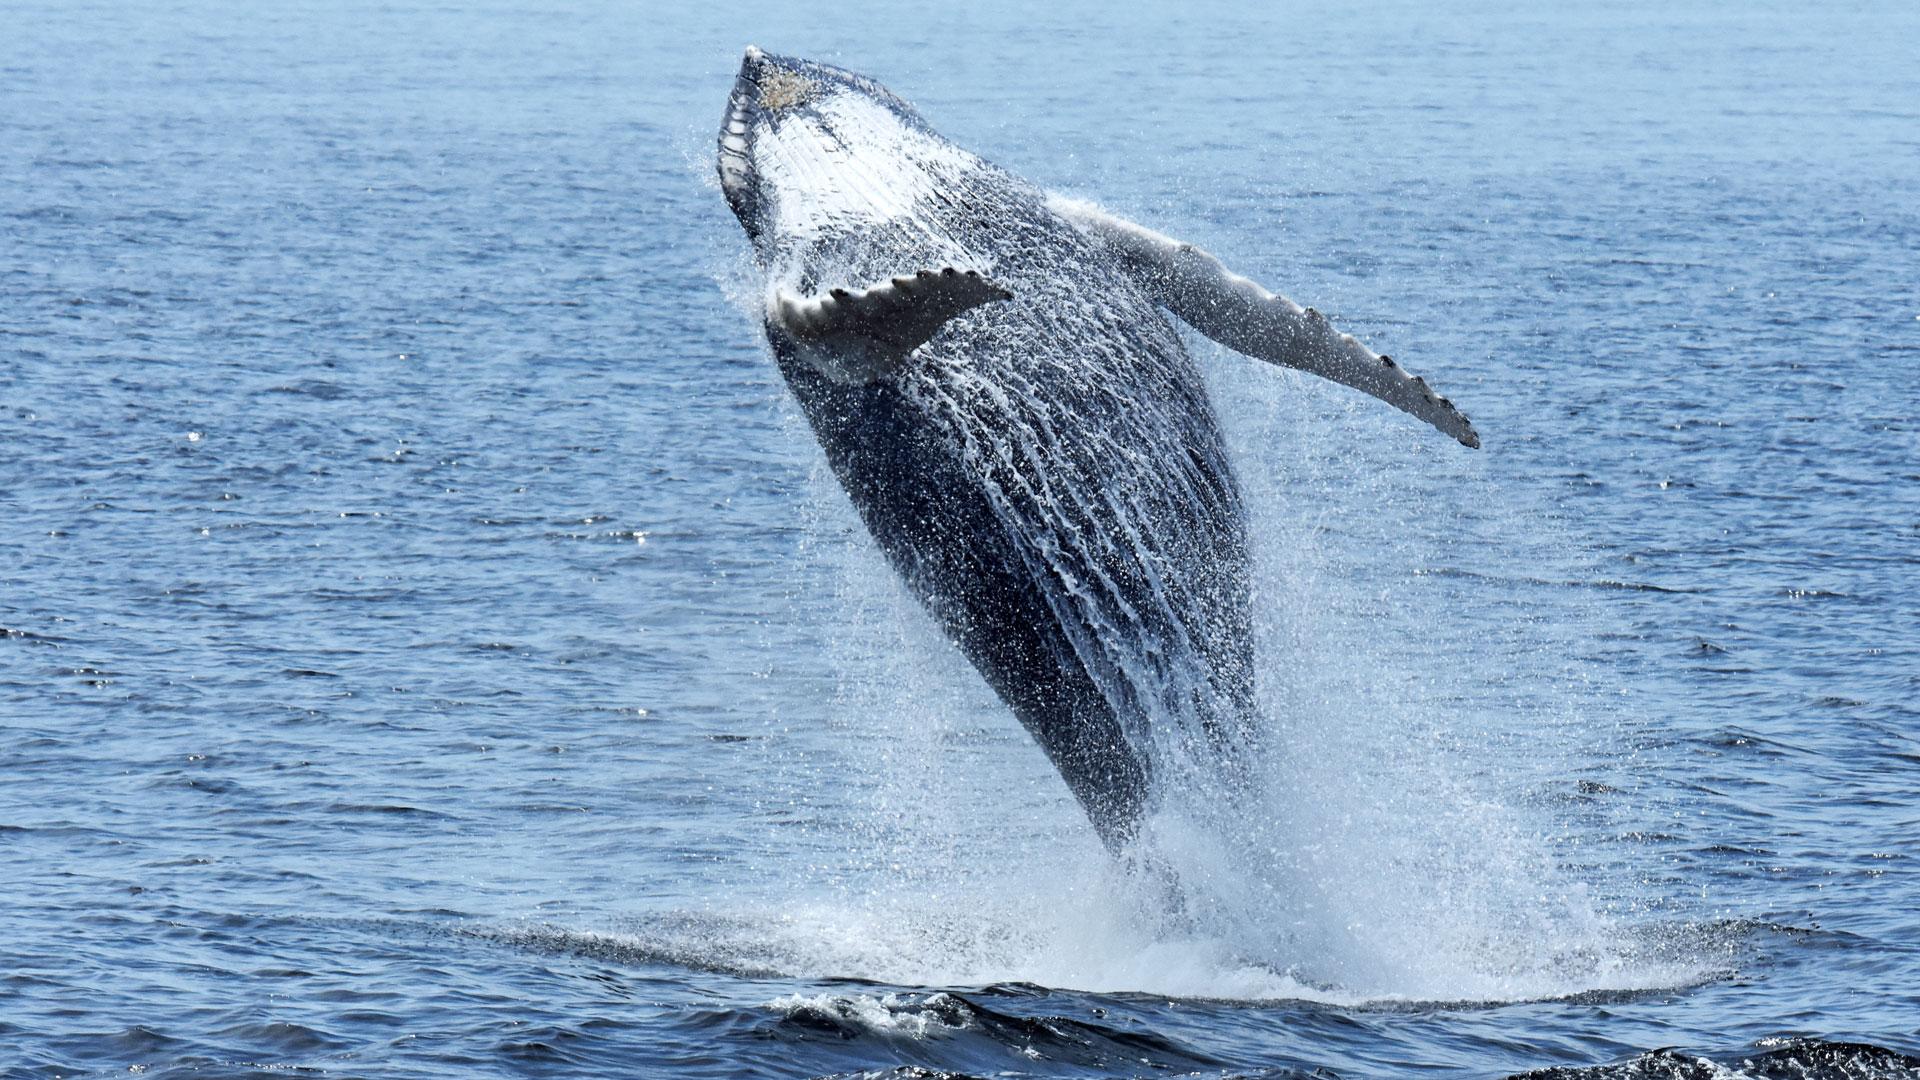 Croisière aux baleines et tour d'hélico